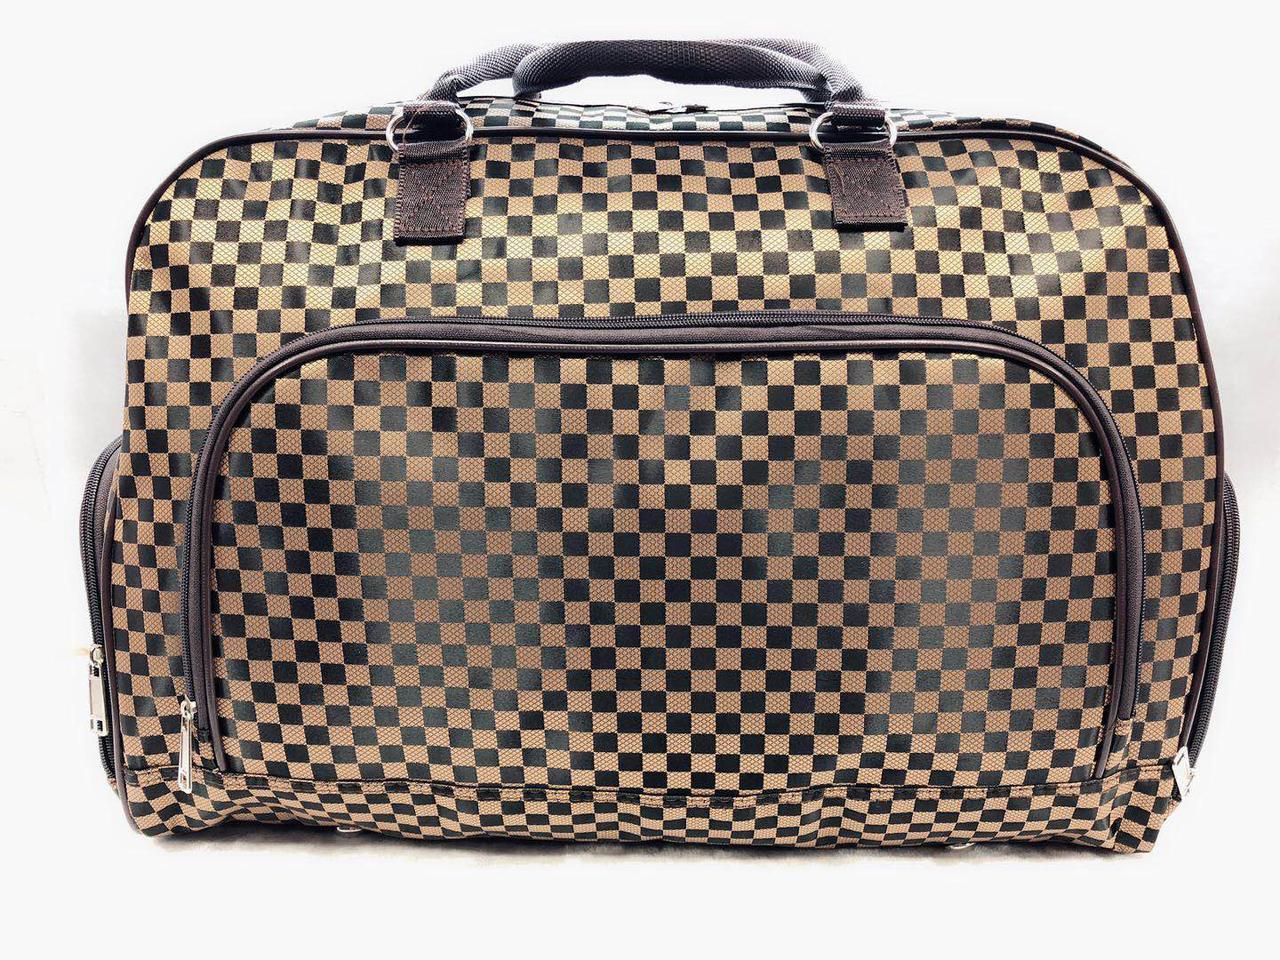 Жіноча красива дорожня сумка-саквояж коричнева міцна текстильна